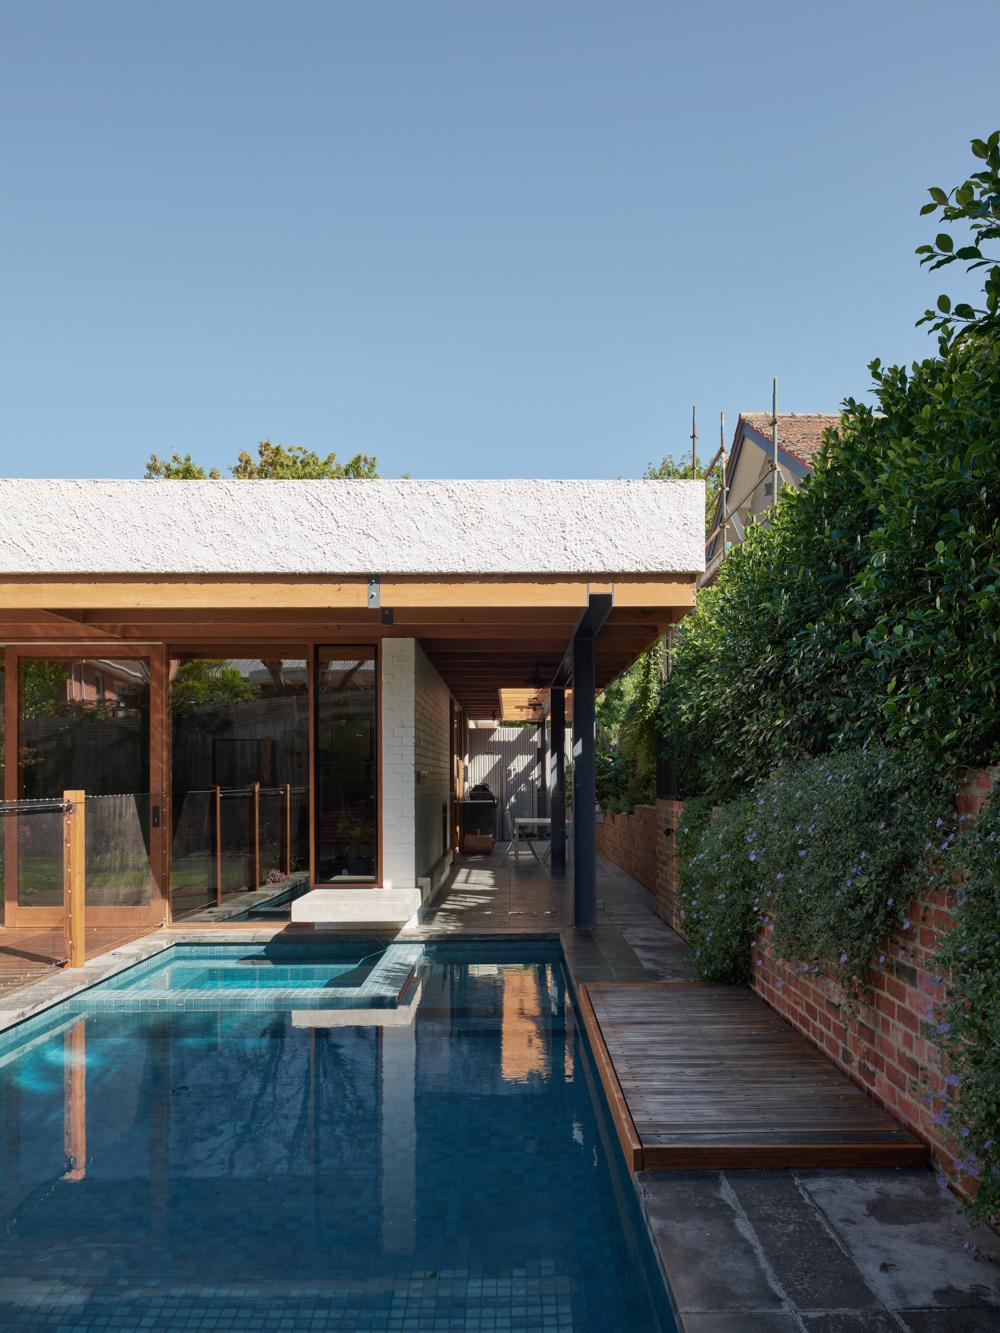 glen-iris-pleysier-perkins-architecture-the-design-emotive-15.jpg